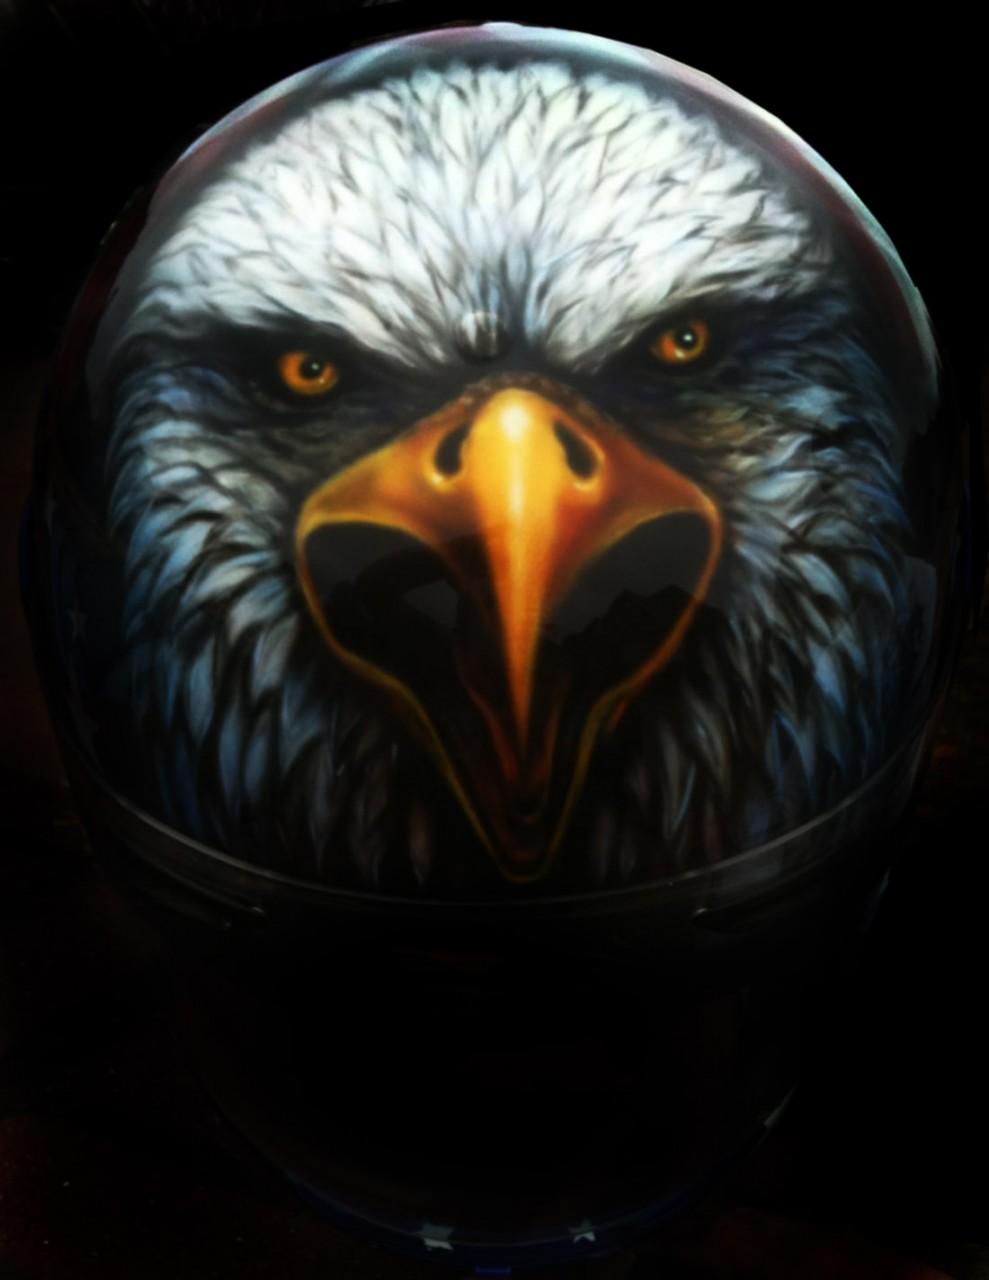 eagle-helmet-front